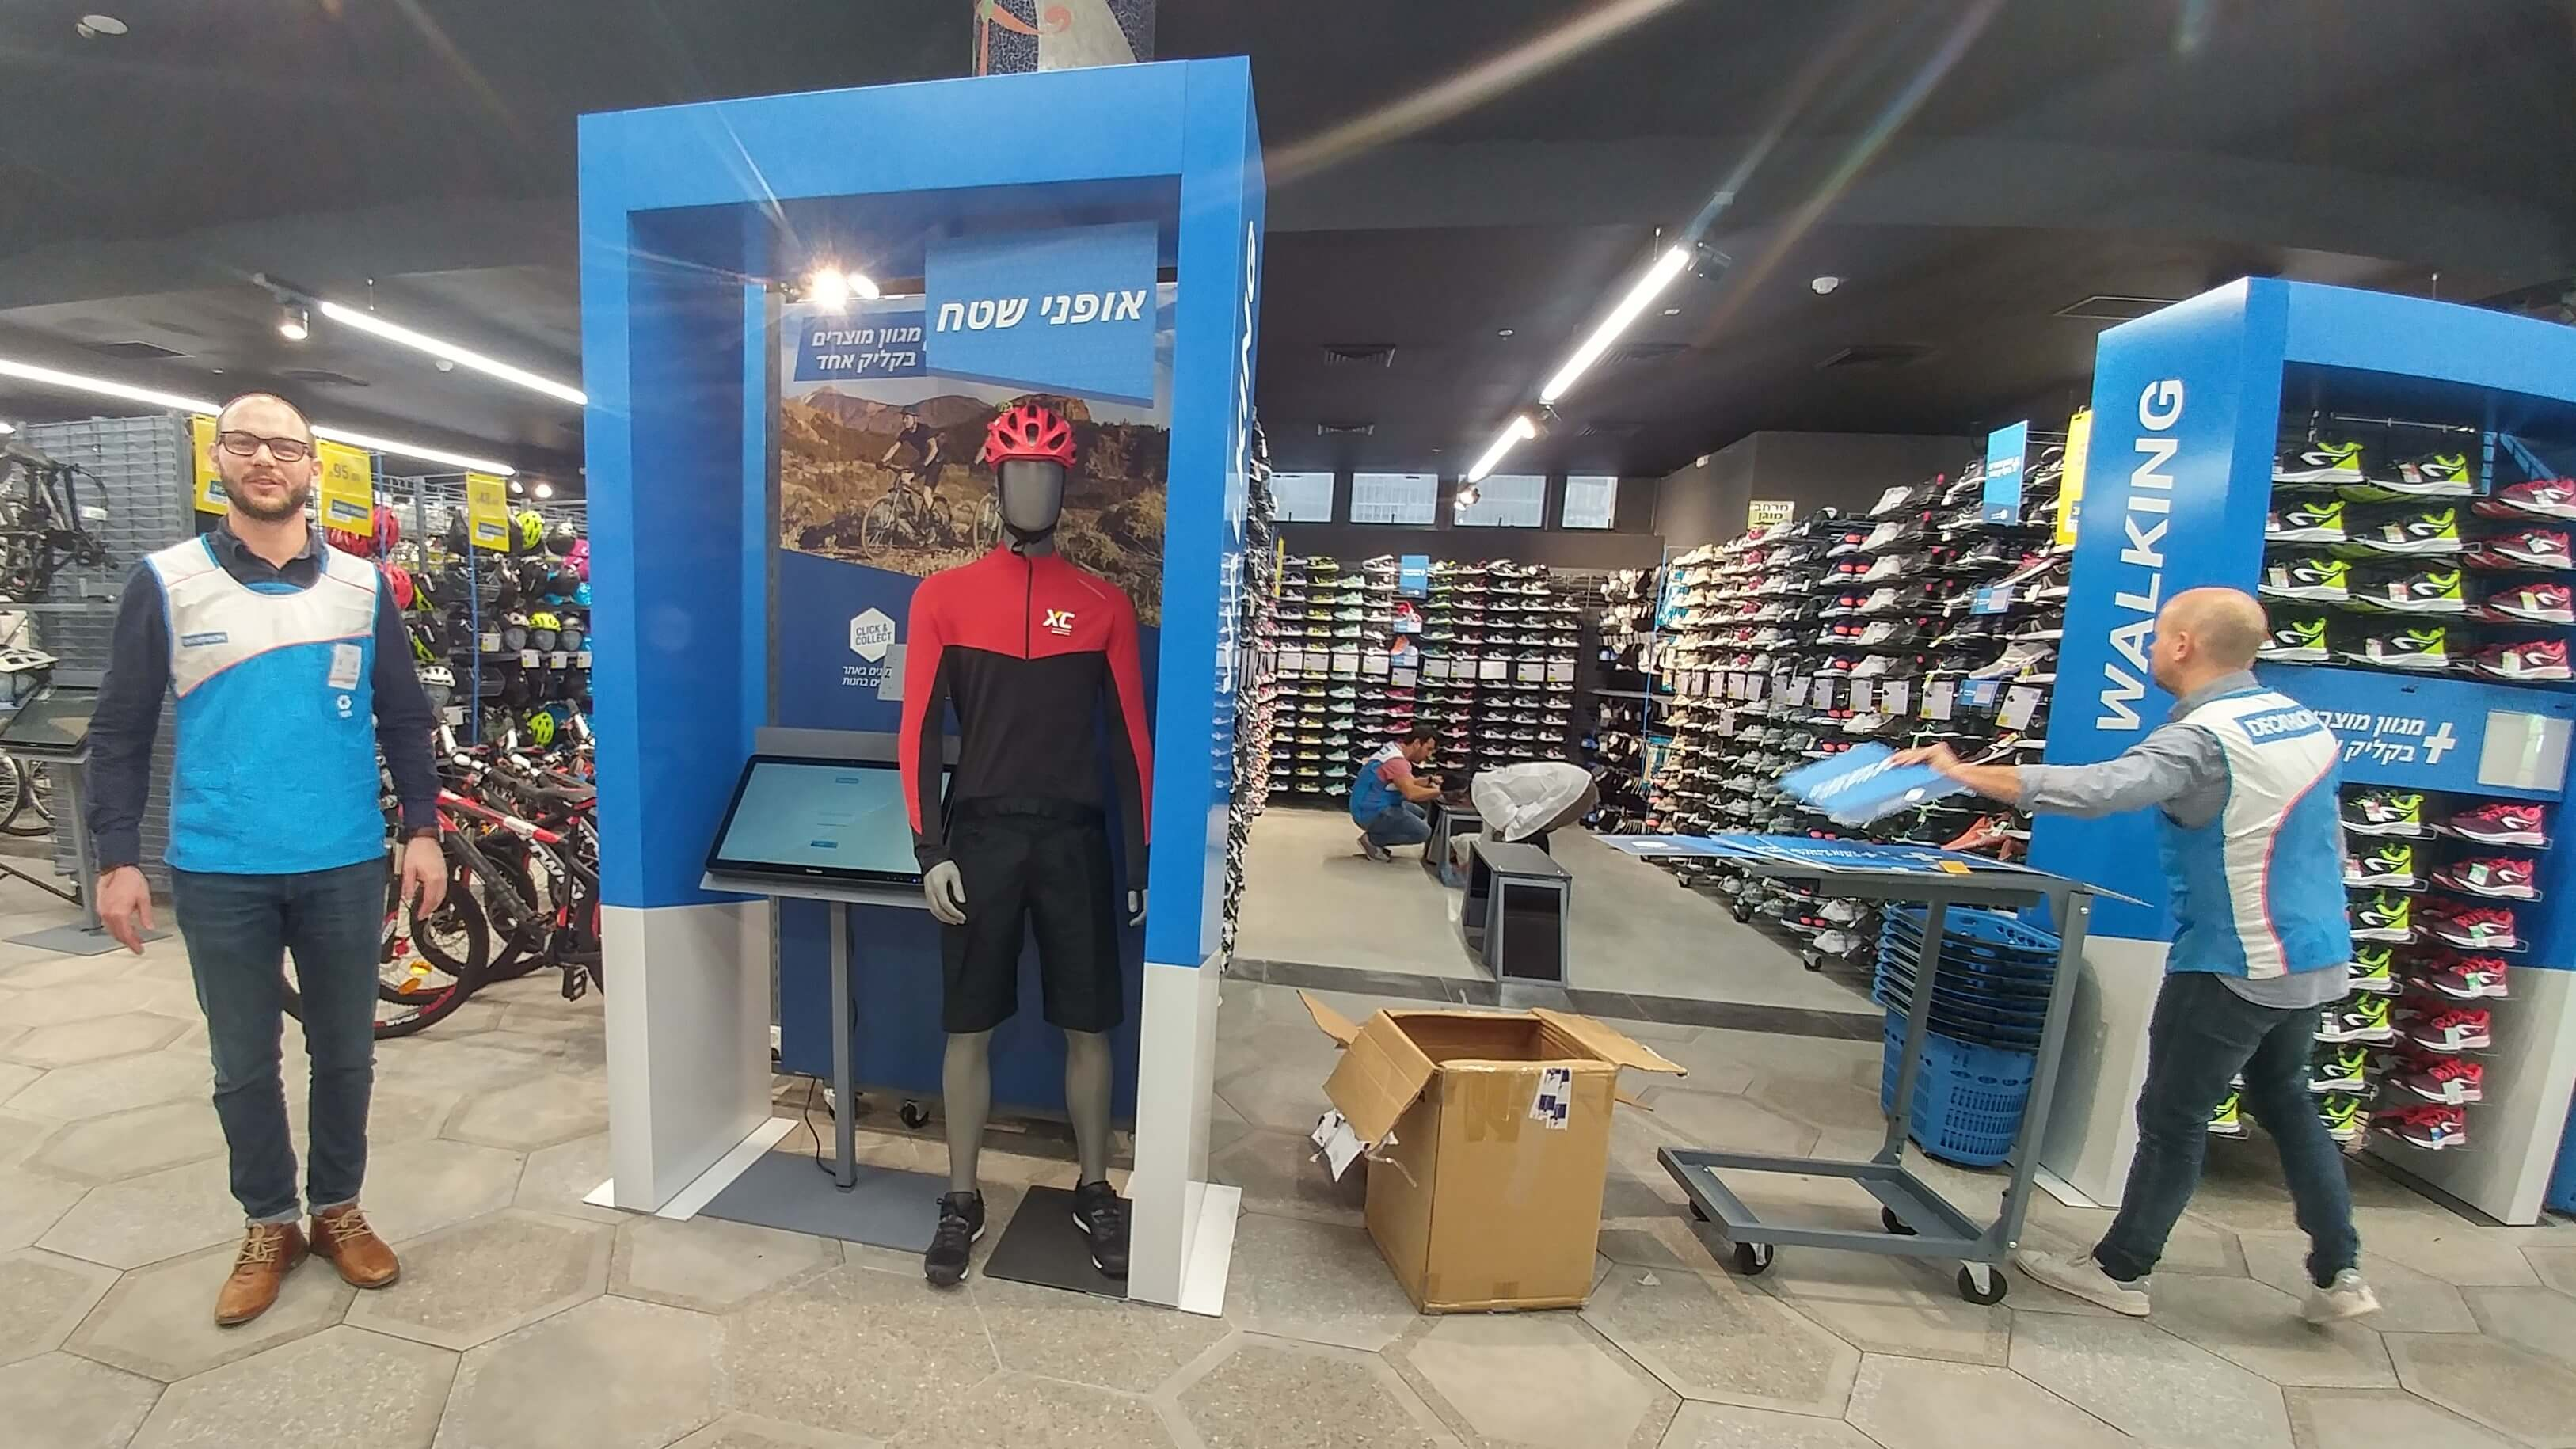 רשות חנויות הספורט דקתלון פותחת חנות שניה בלב תל אביב. צילום: רוני נאק